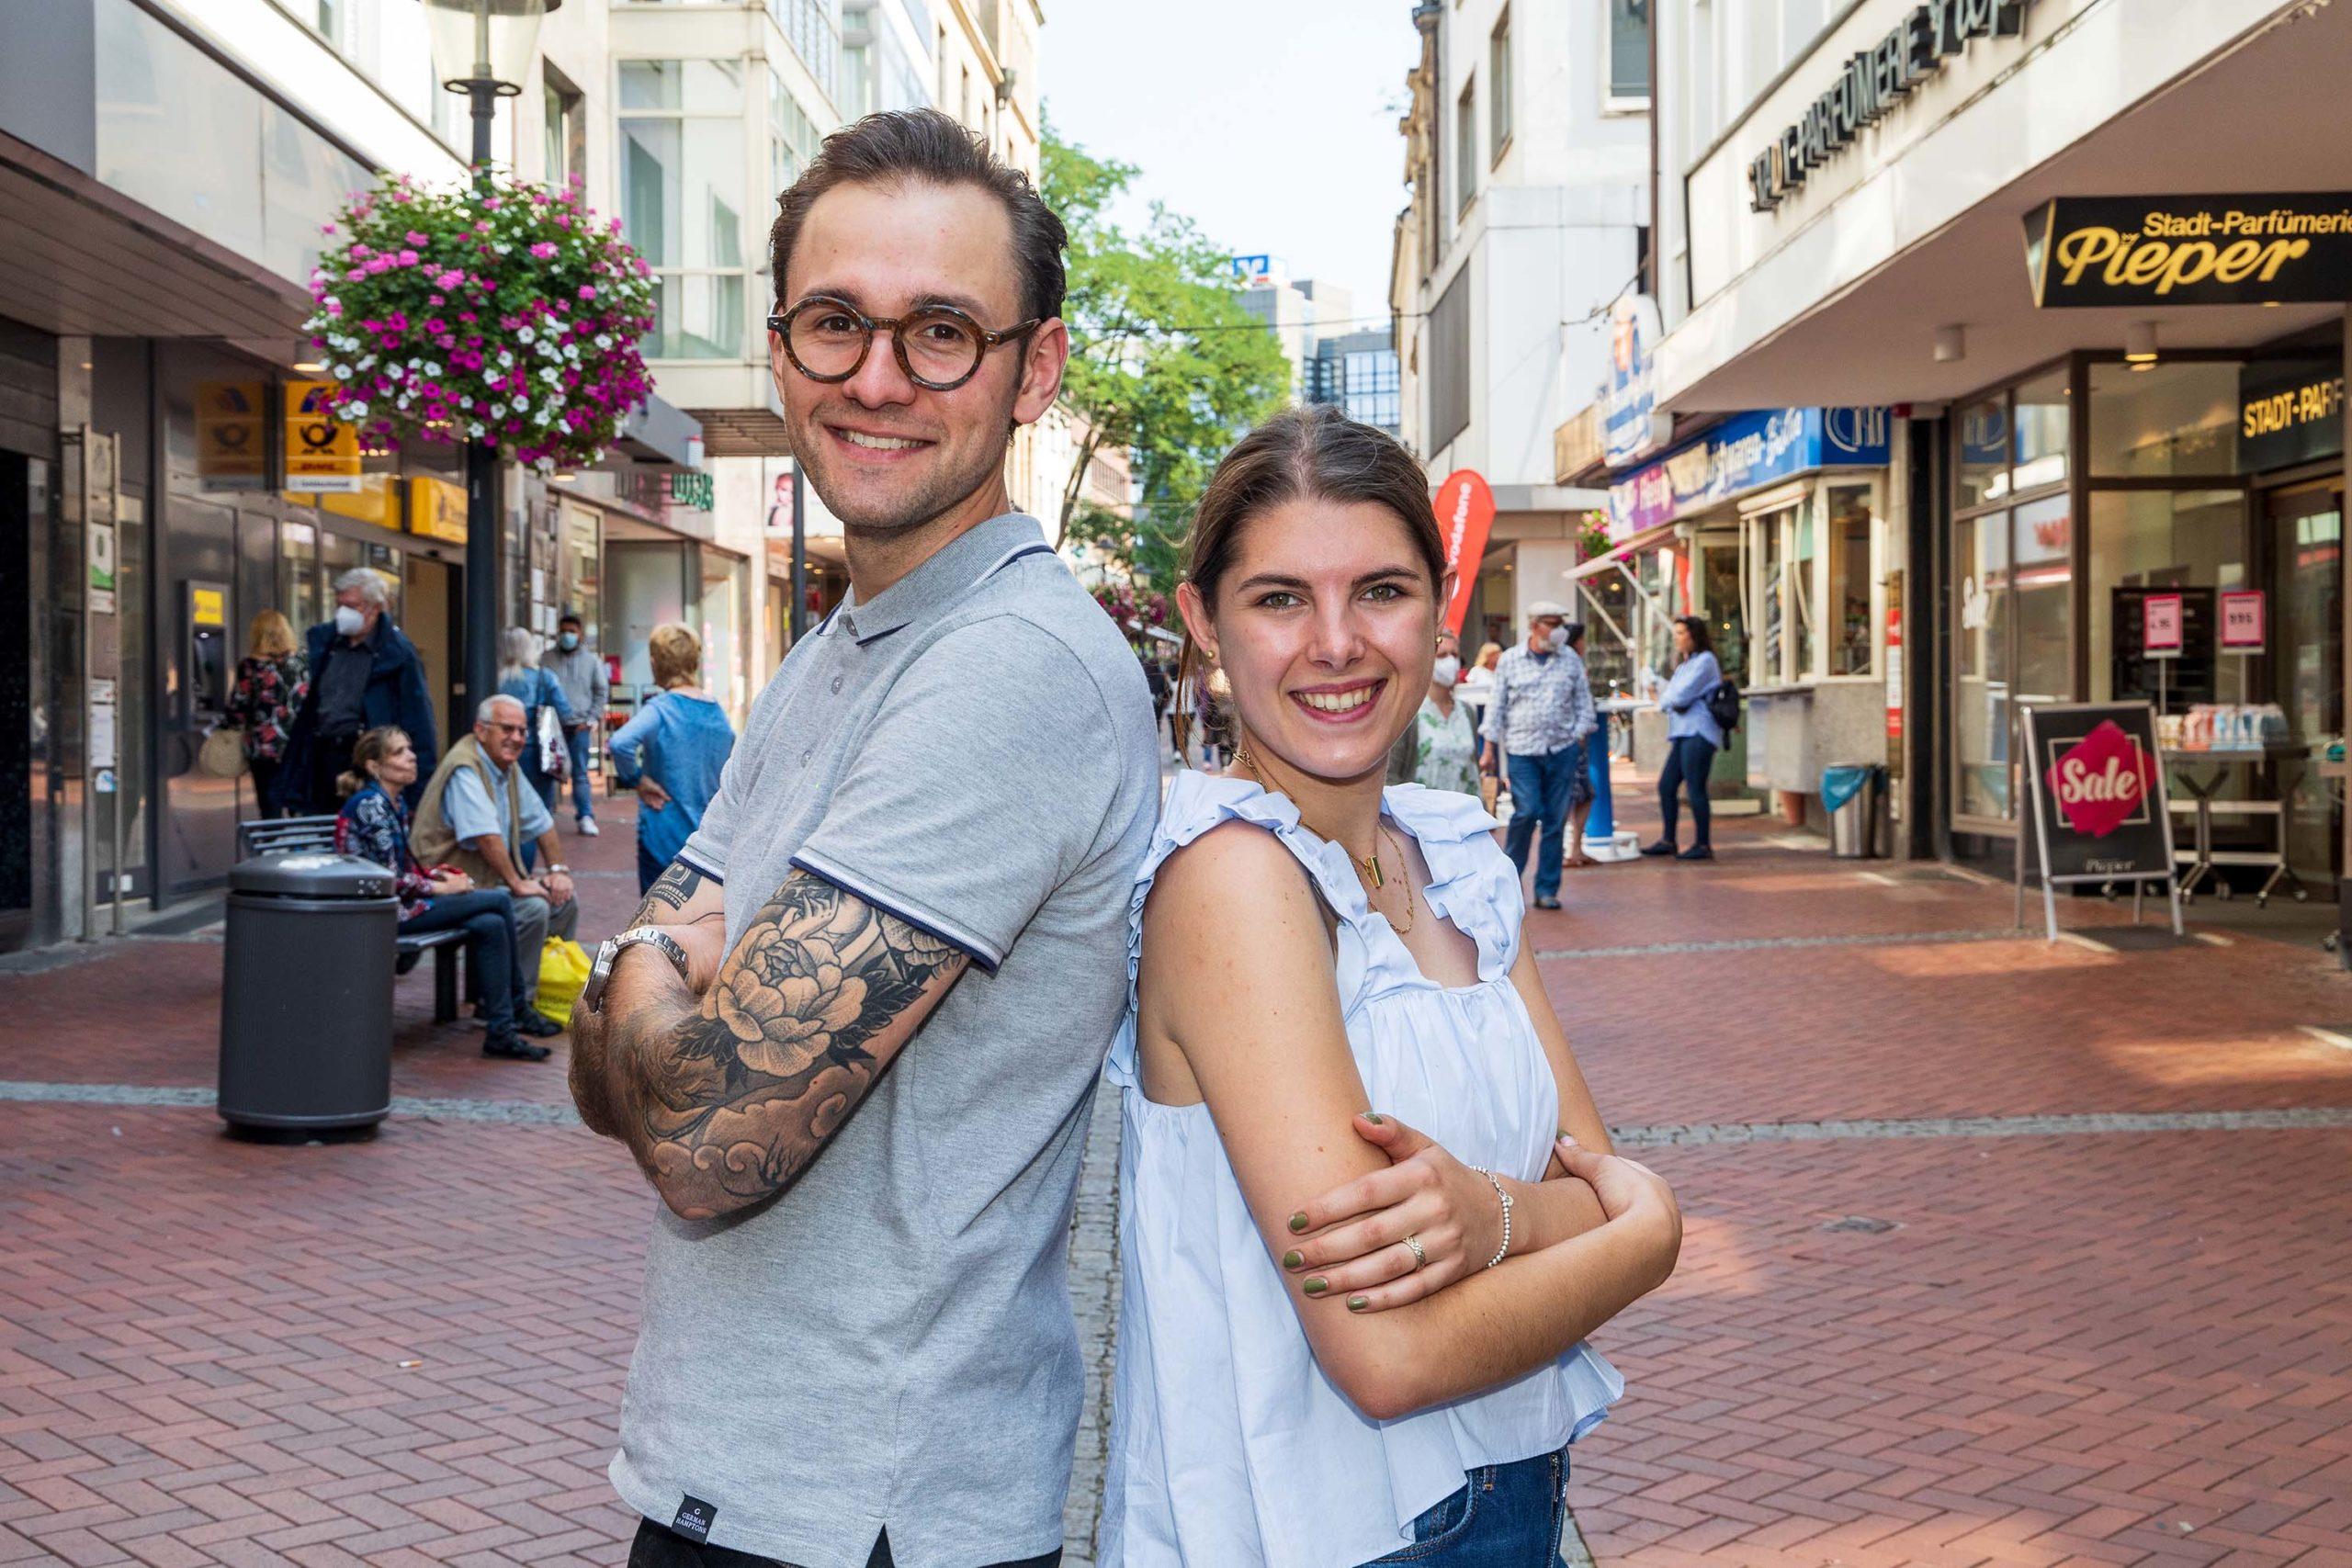 """Mit Sophie Pieper und Josef Bathen jun. hat das Buersche City-Management erstmals eine Doppelspitze. Für beide ist der Leerstand """"ein großes Thema""""."""